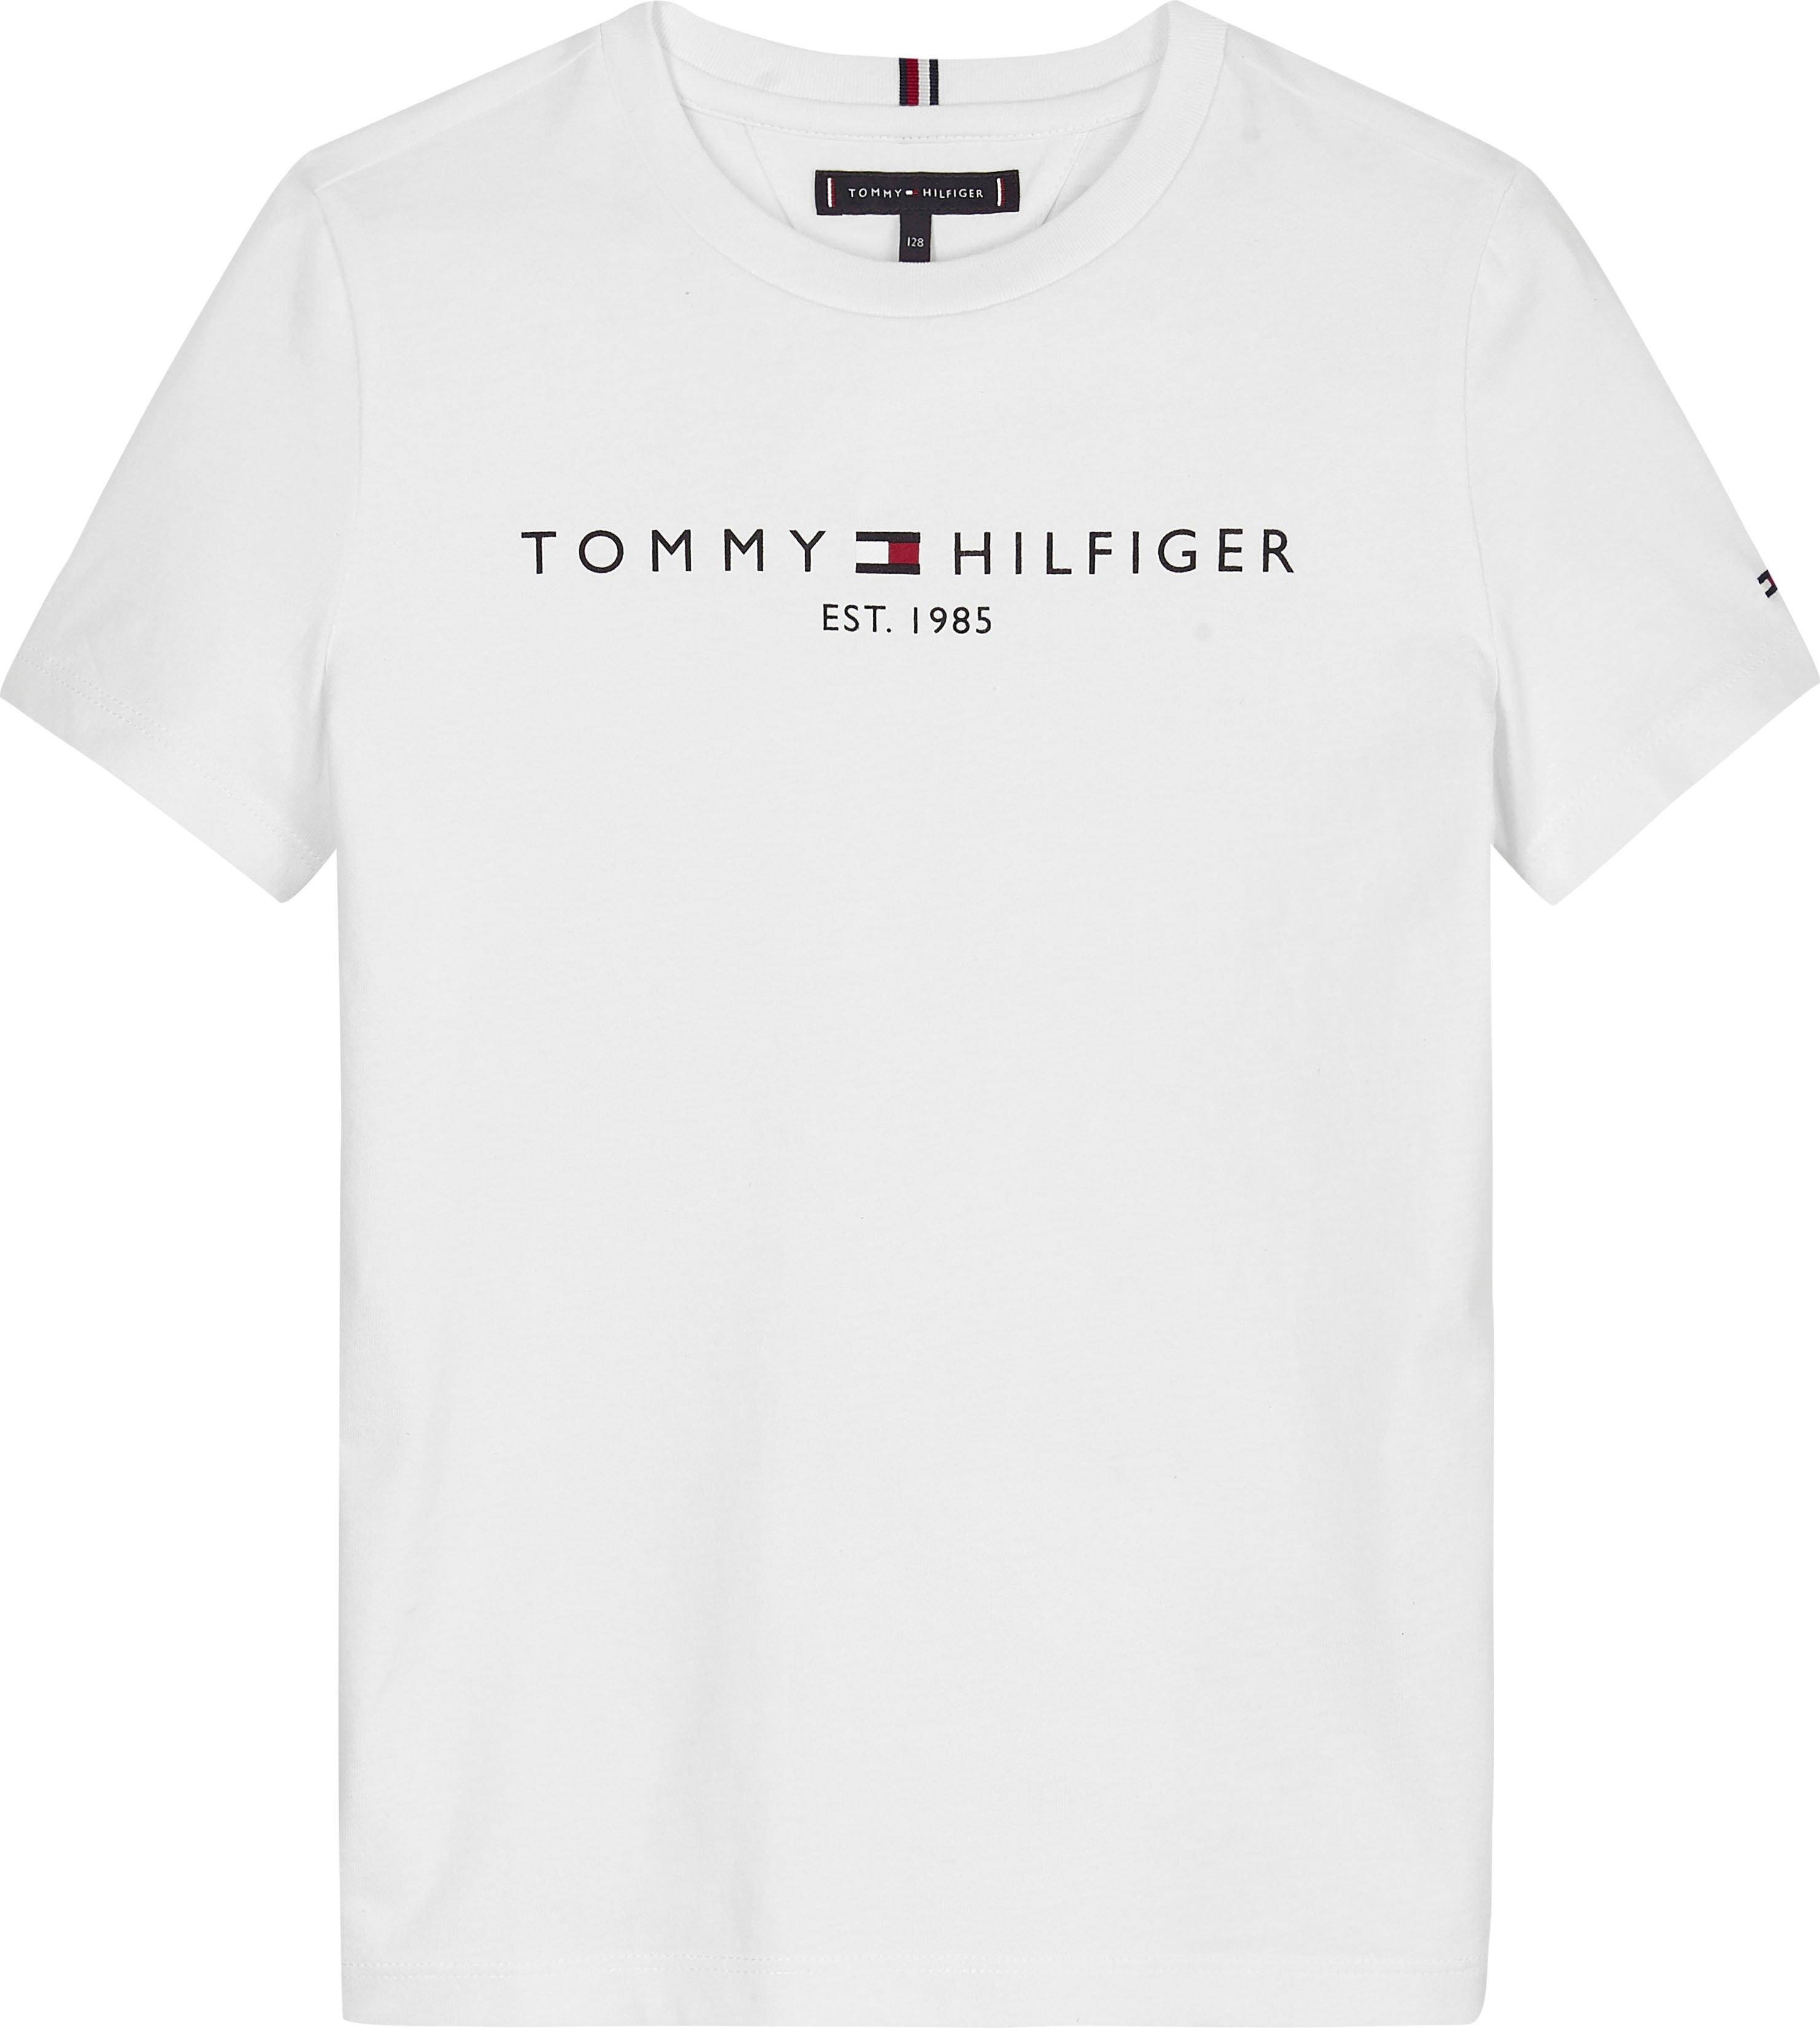 Tommy Hilfiger T-shirt - gratis ruilen op otto.nl